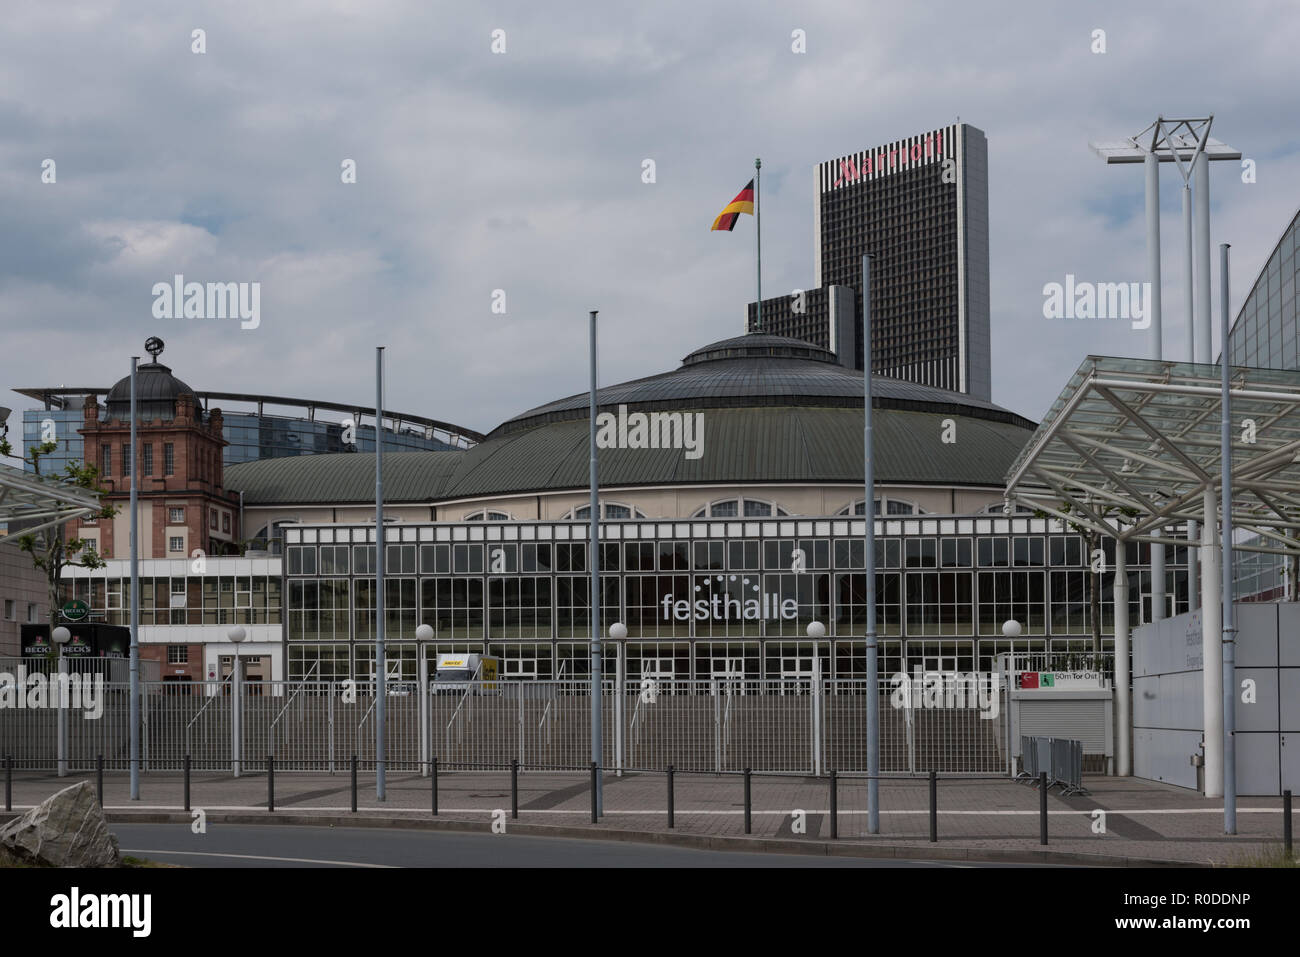 Festhalle Frankfurt, Mehrzweckhalle auf dem Messegelände von Frankfurt, Deutschland. Stockbild